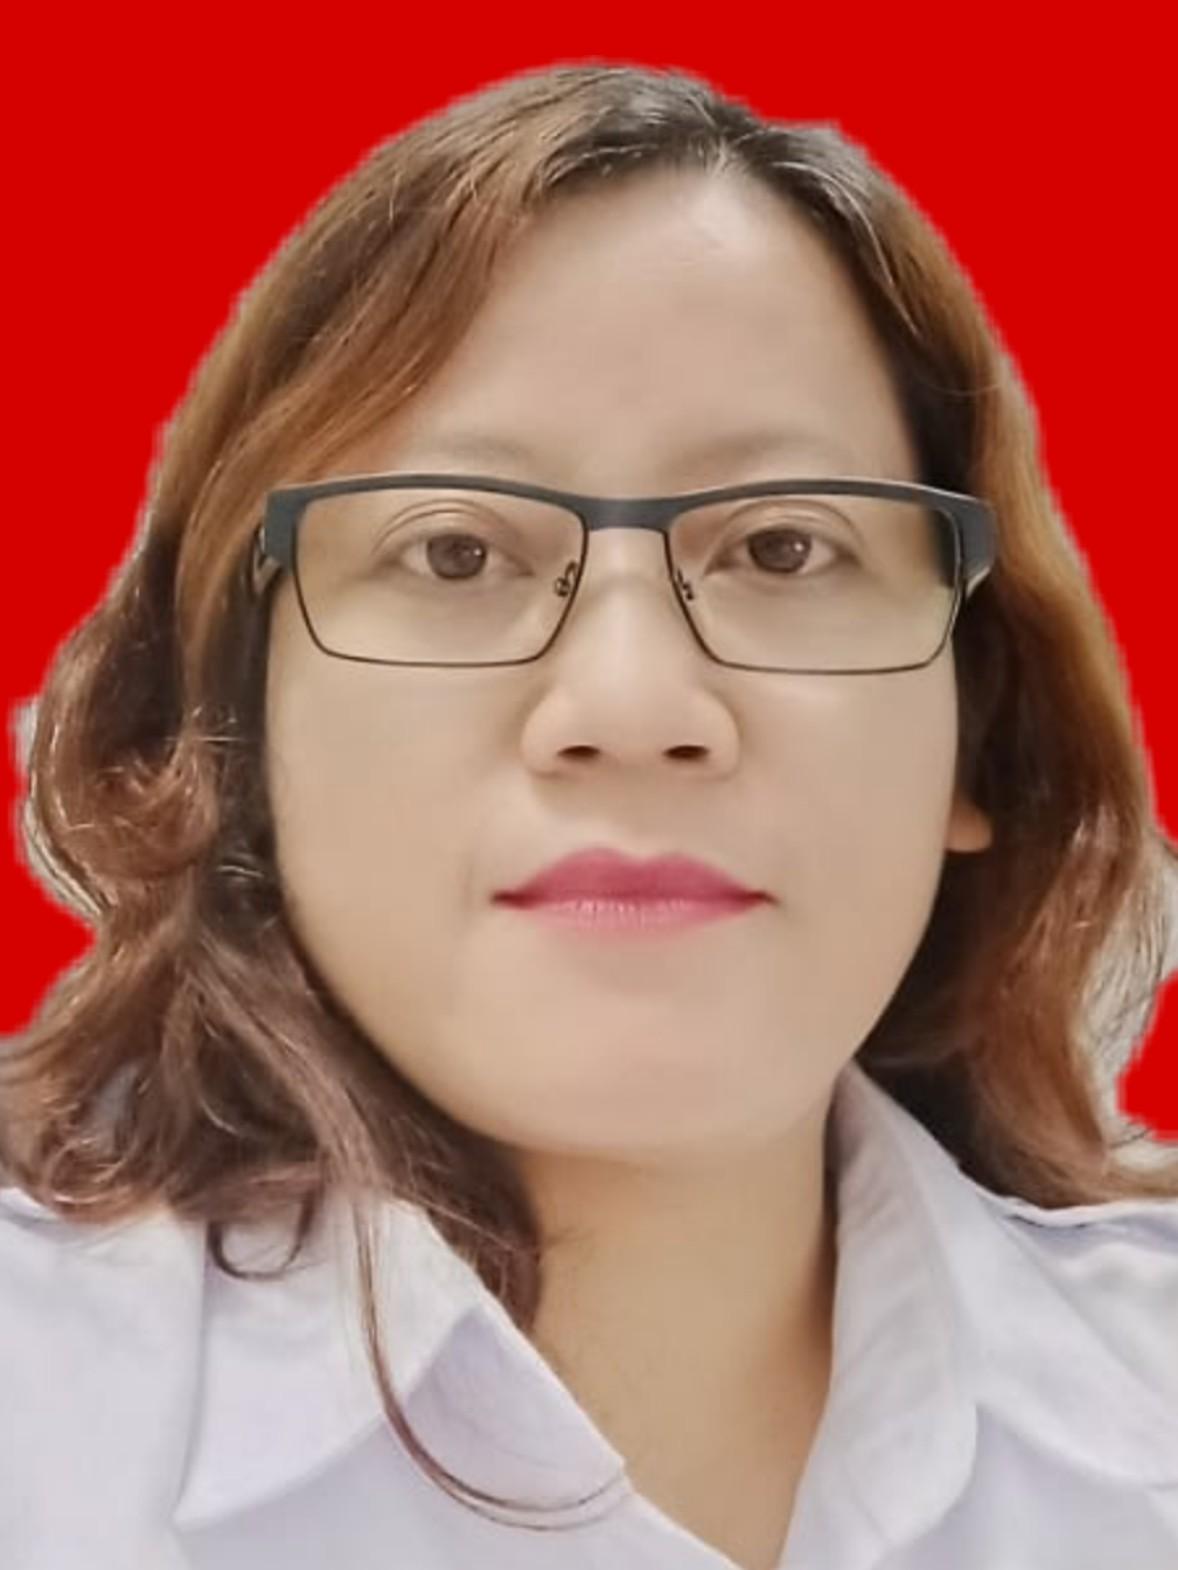 Dwi Cahyaningdyah